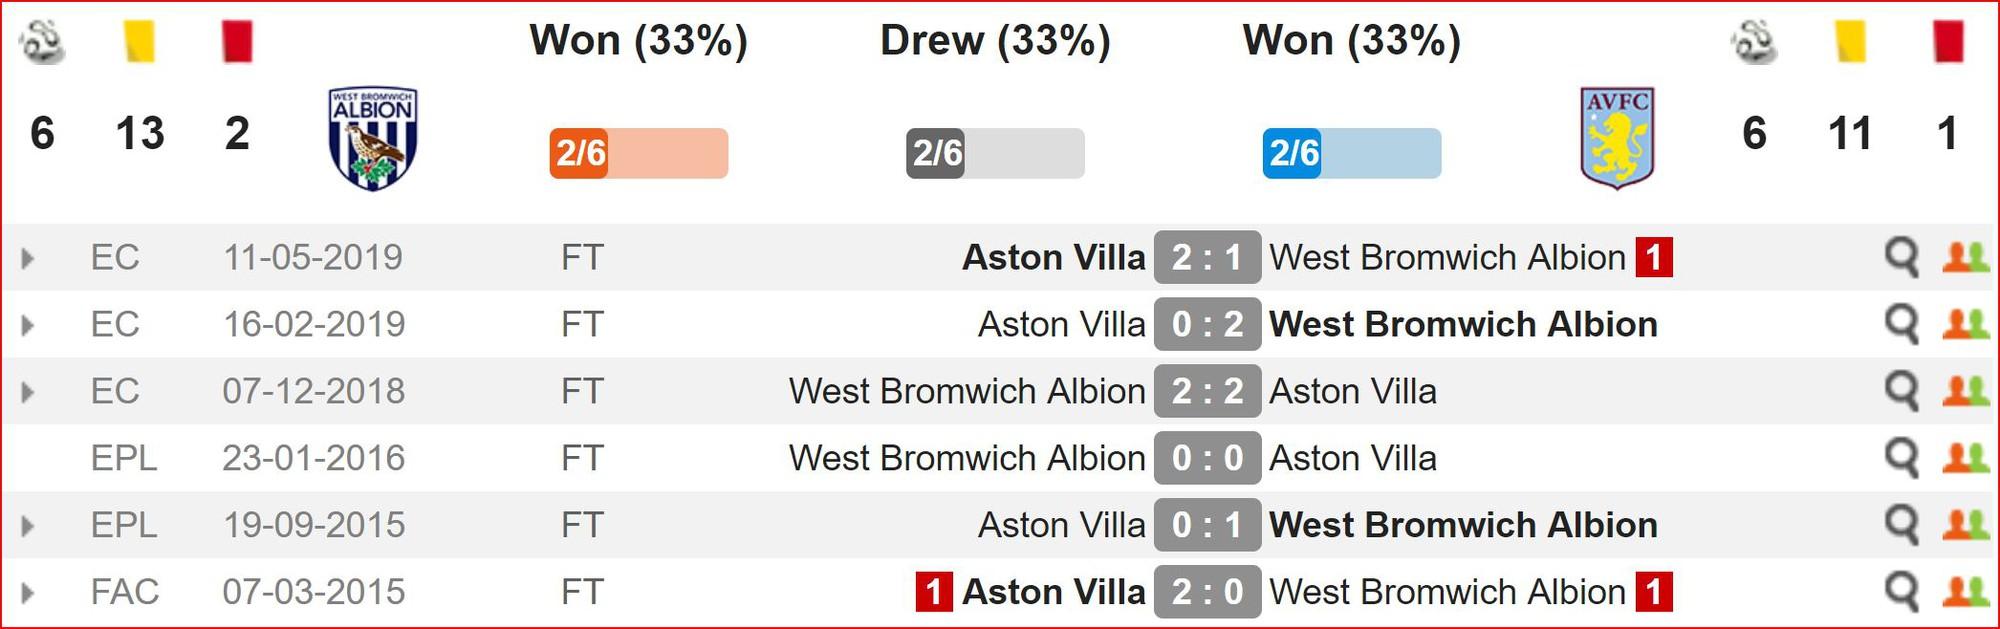 Nhận định West Brom vs Aston Villa (2h00, 15/5) Playoff lên hạng Premier League: Công cường gặp thủ chắc - Ảnh 2.